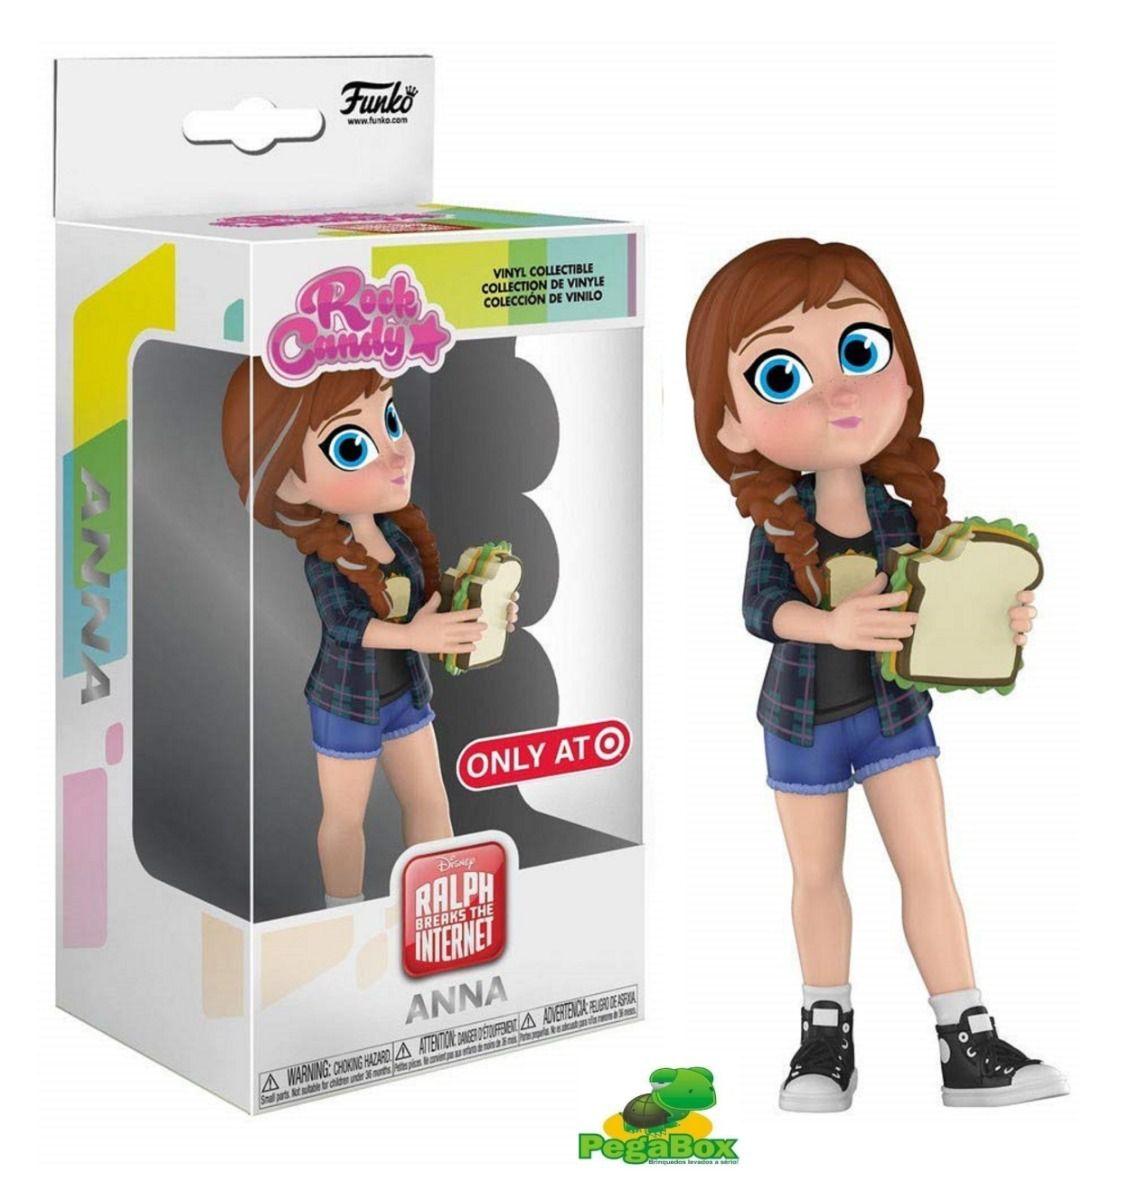 Funko Rock Candy Disney Princesa Anna Disney Exclusiva  - Game Land Brinquedos